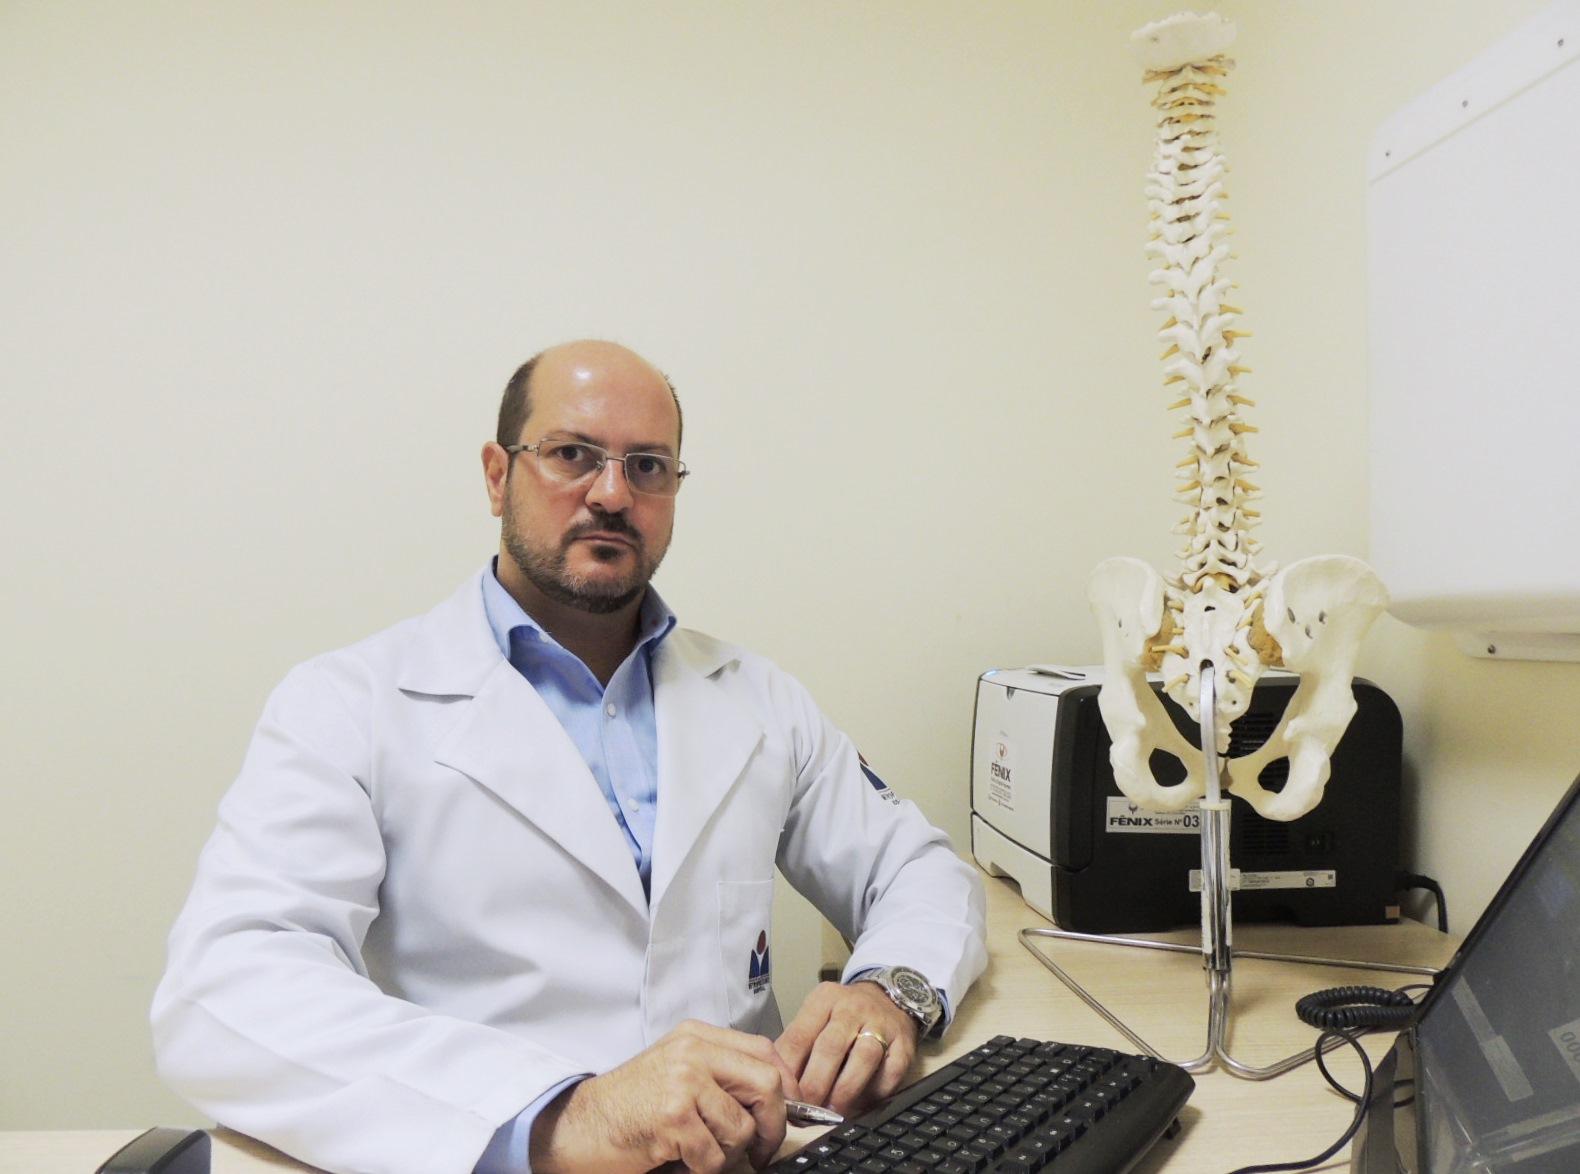 Dor no nervo ciático: saiba mais sobre a doença que está tirando o sono do Papa